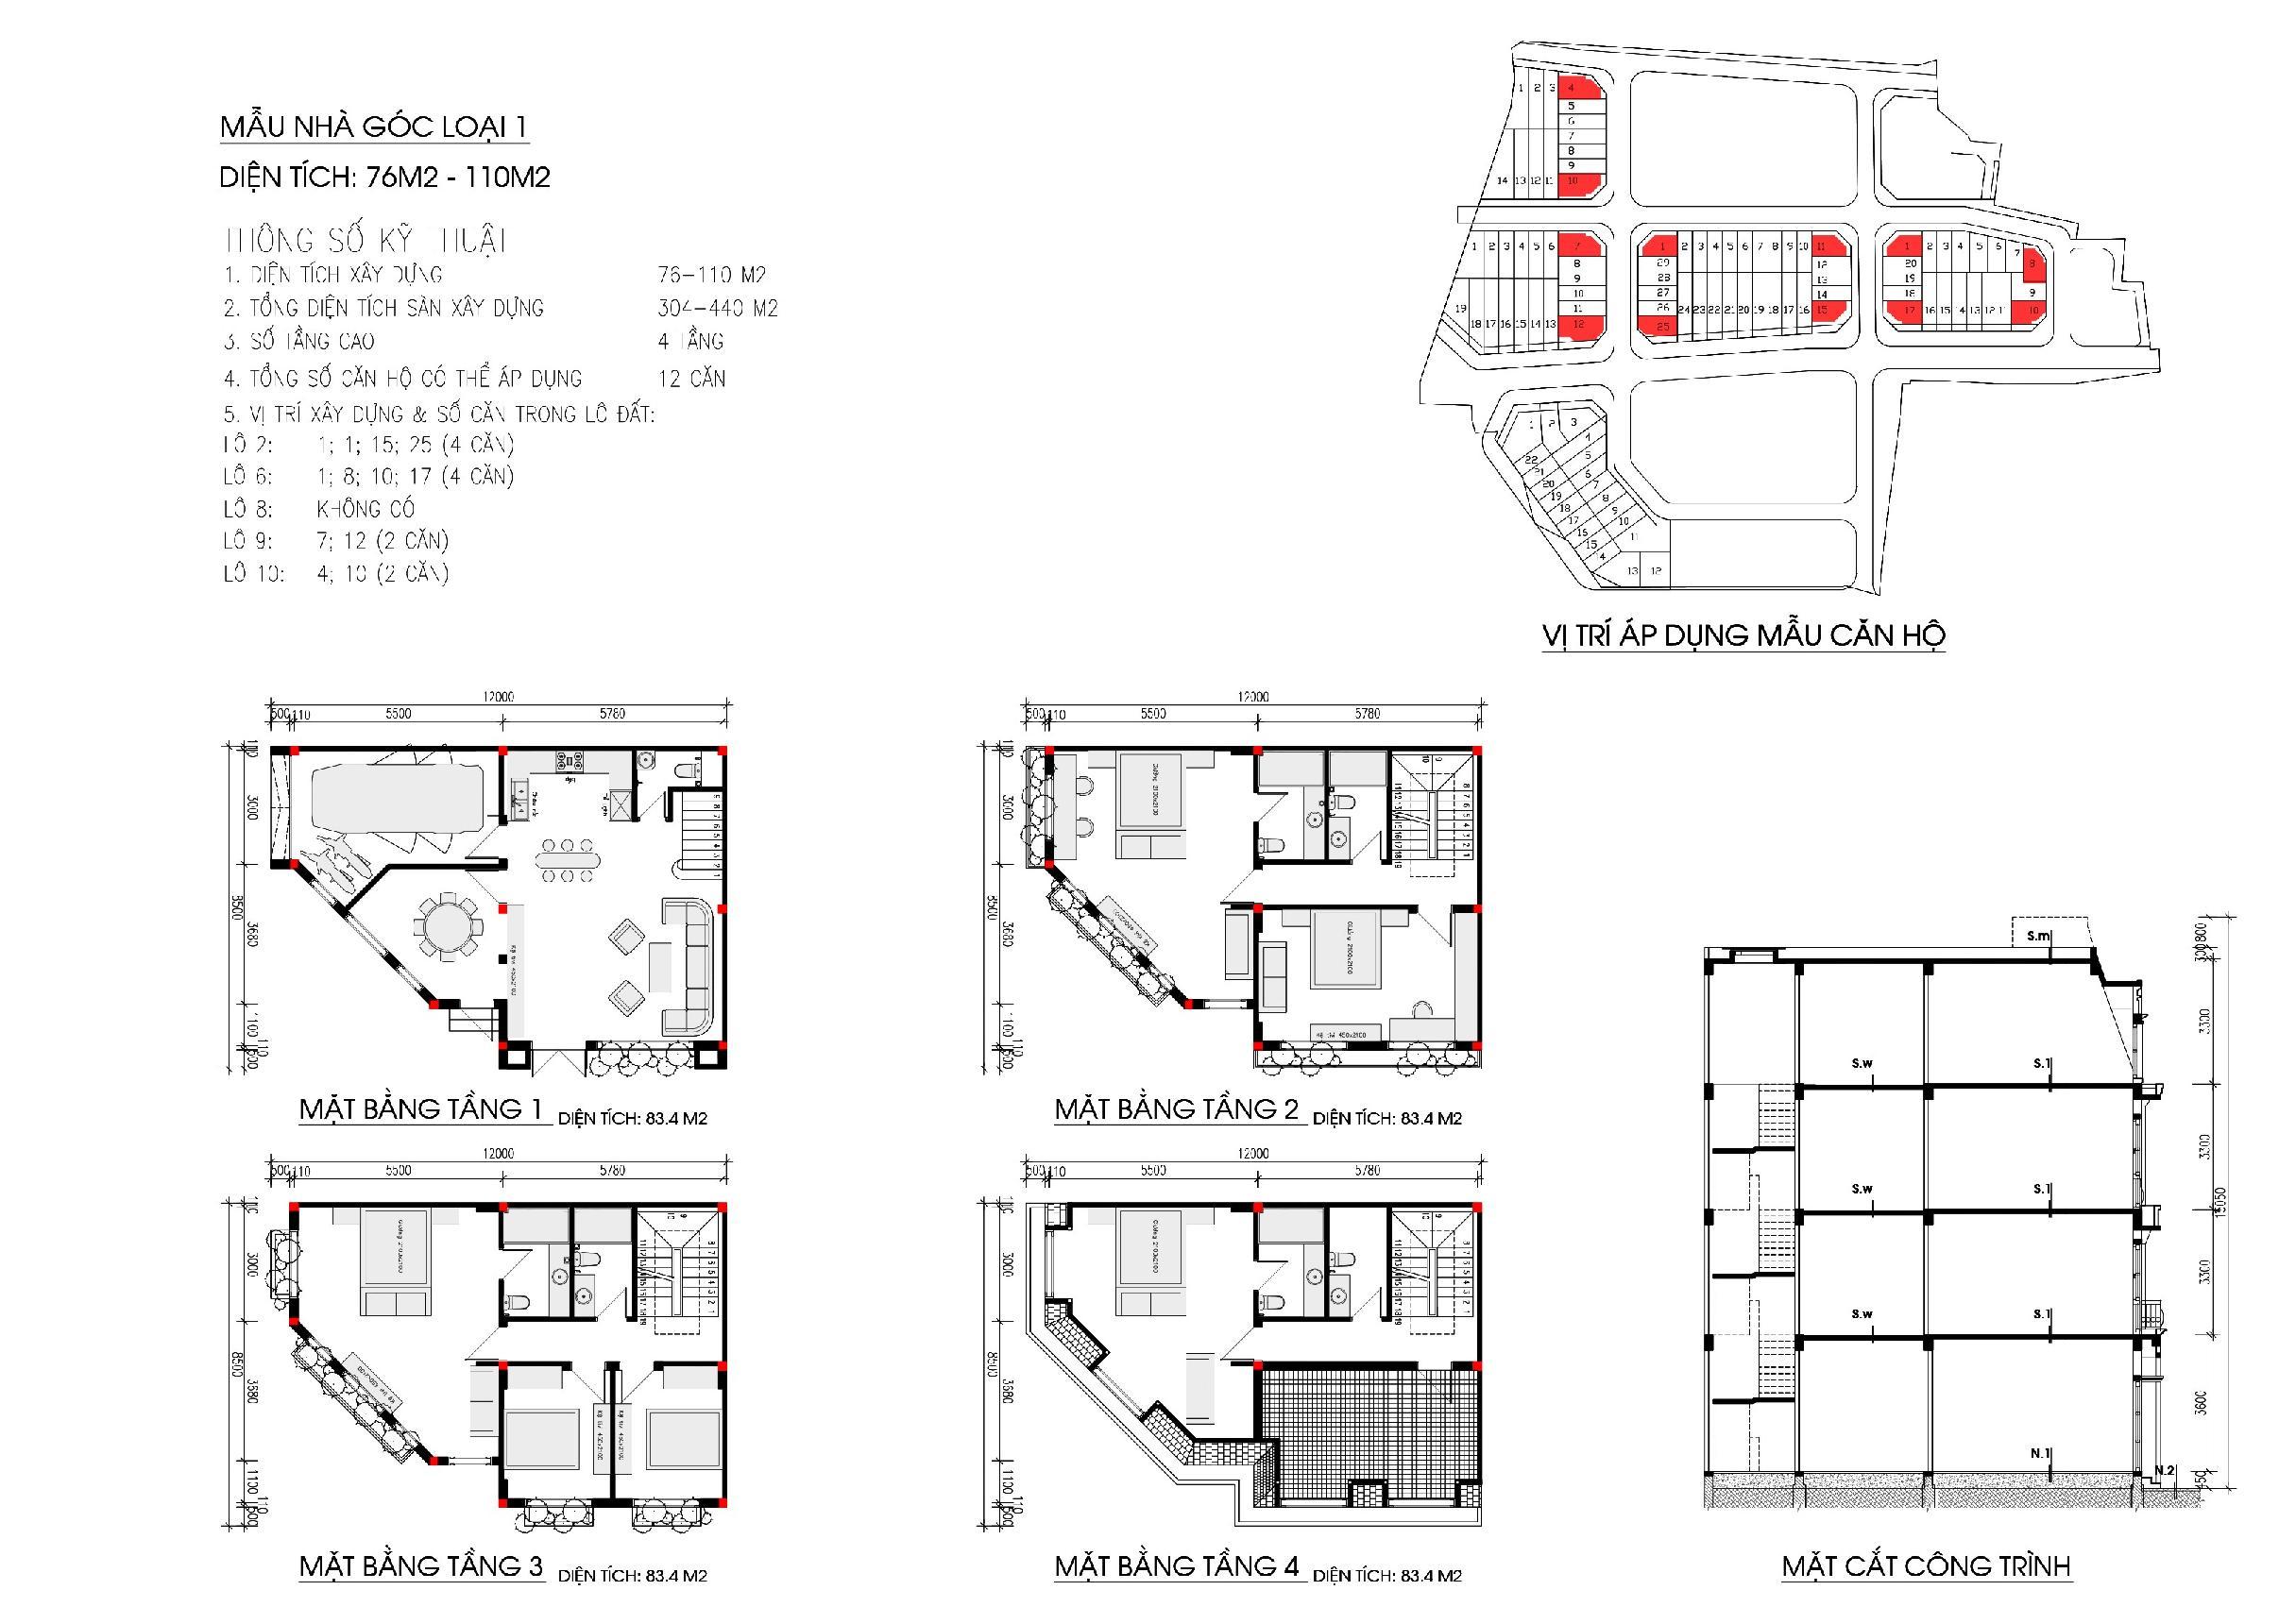 Thiết kế liền kề phùng khoangdiện tích 76 - 110 m2